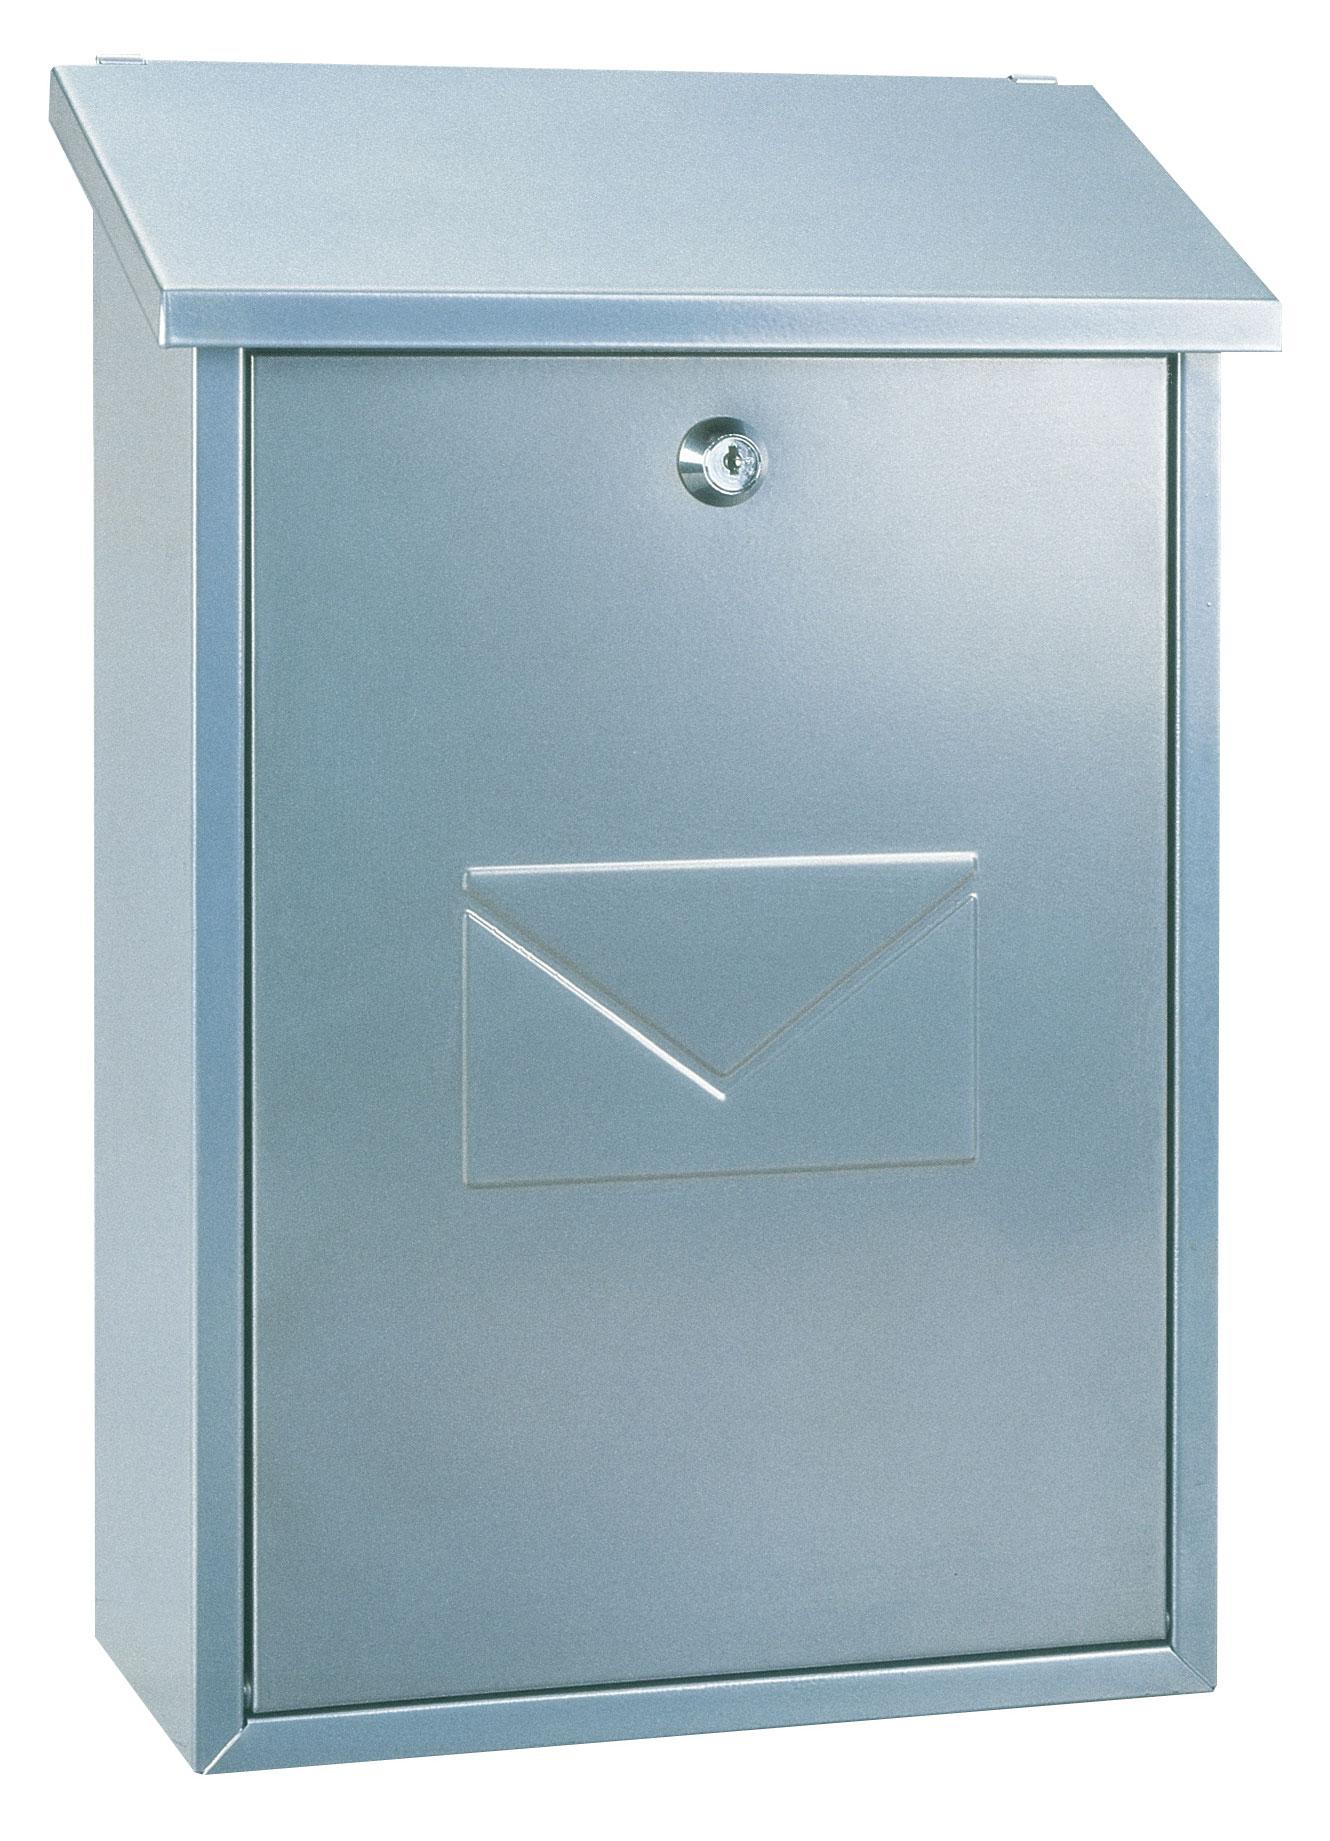 Rottner Briefkasten Parma silber 390x270x115mm Bild 1